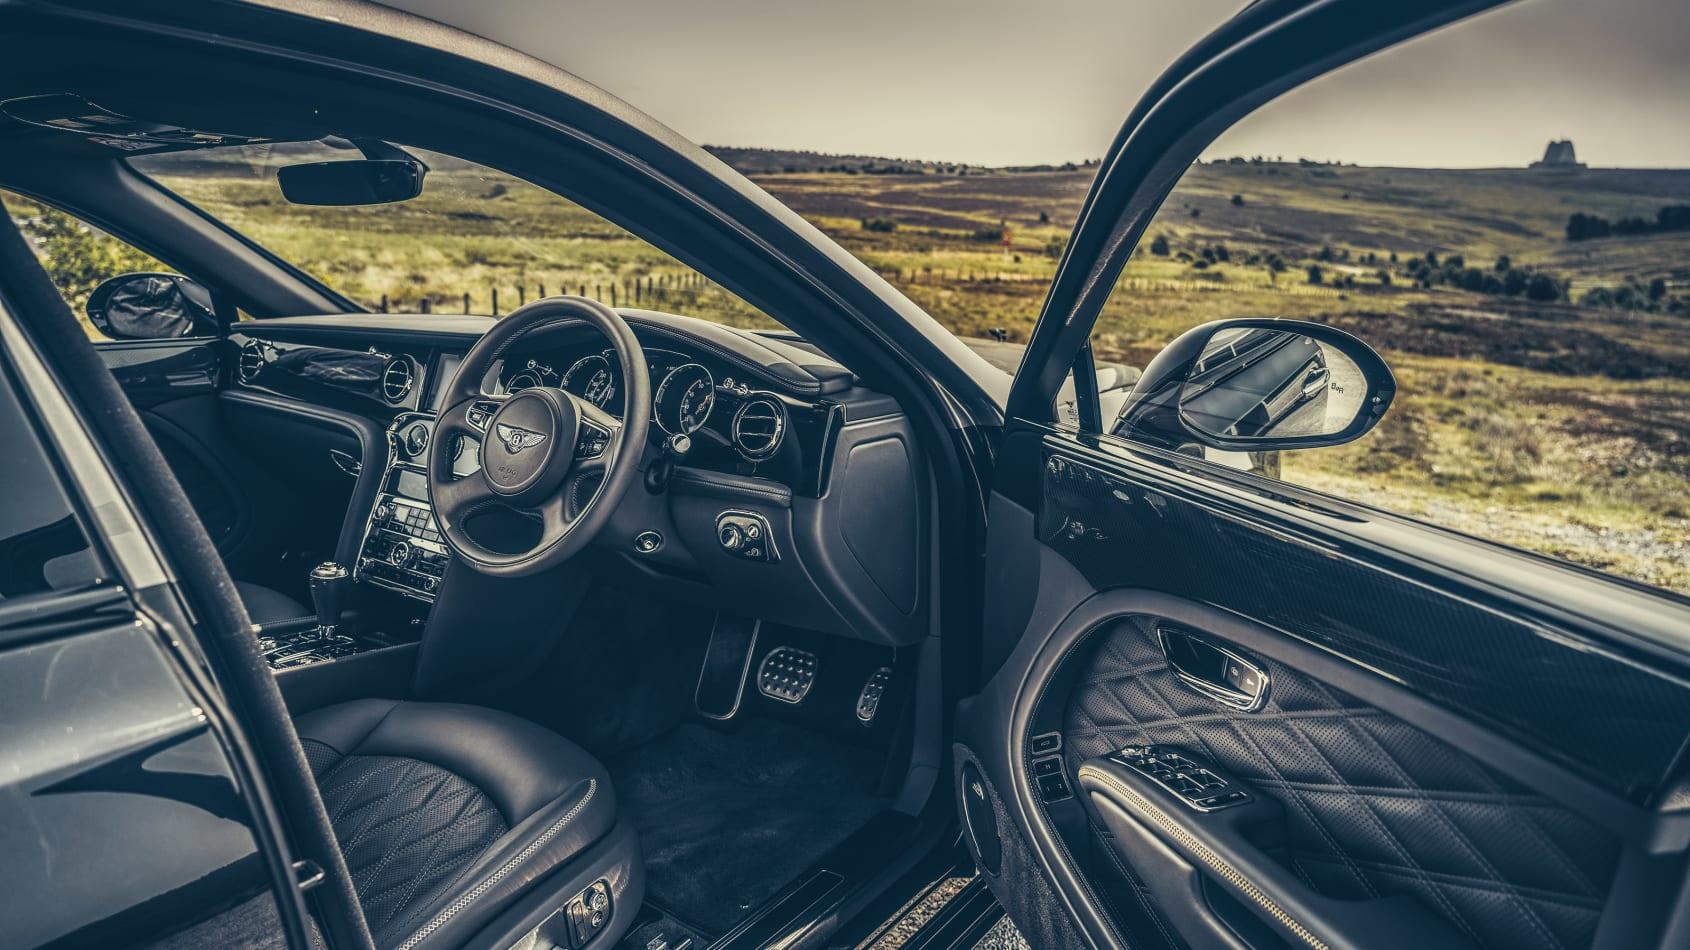 [Image: Bentley%20Mulsanne%20car%20pics%20of%20the%20week-6.jpg]